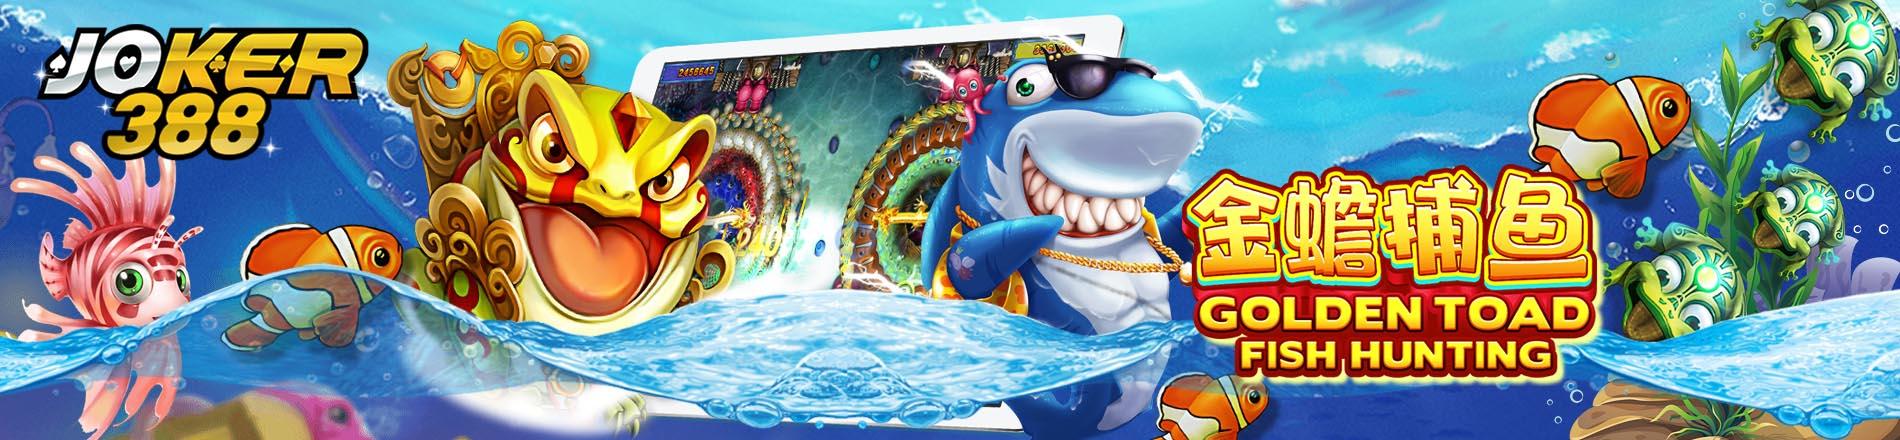 tembak ikan joker388 bandar game ikan slot online joker 388